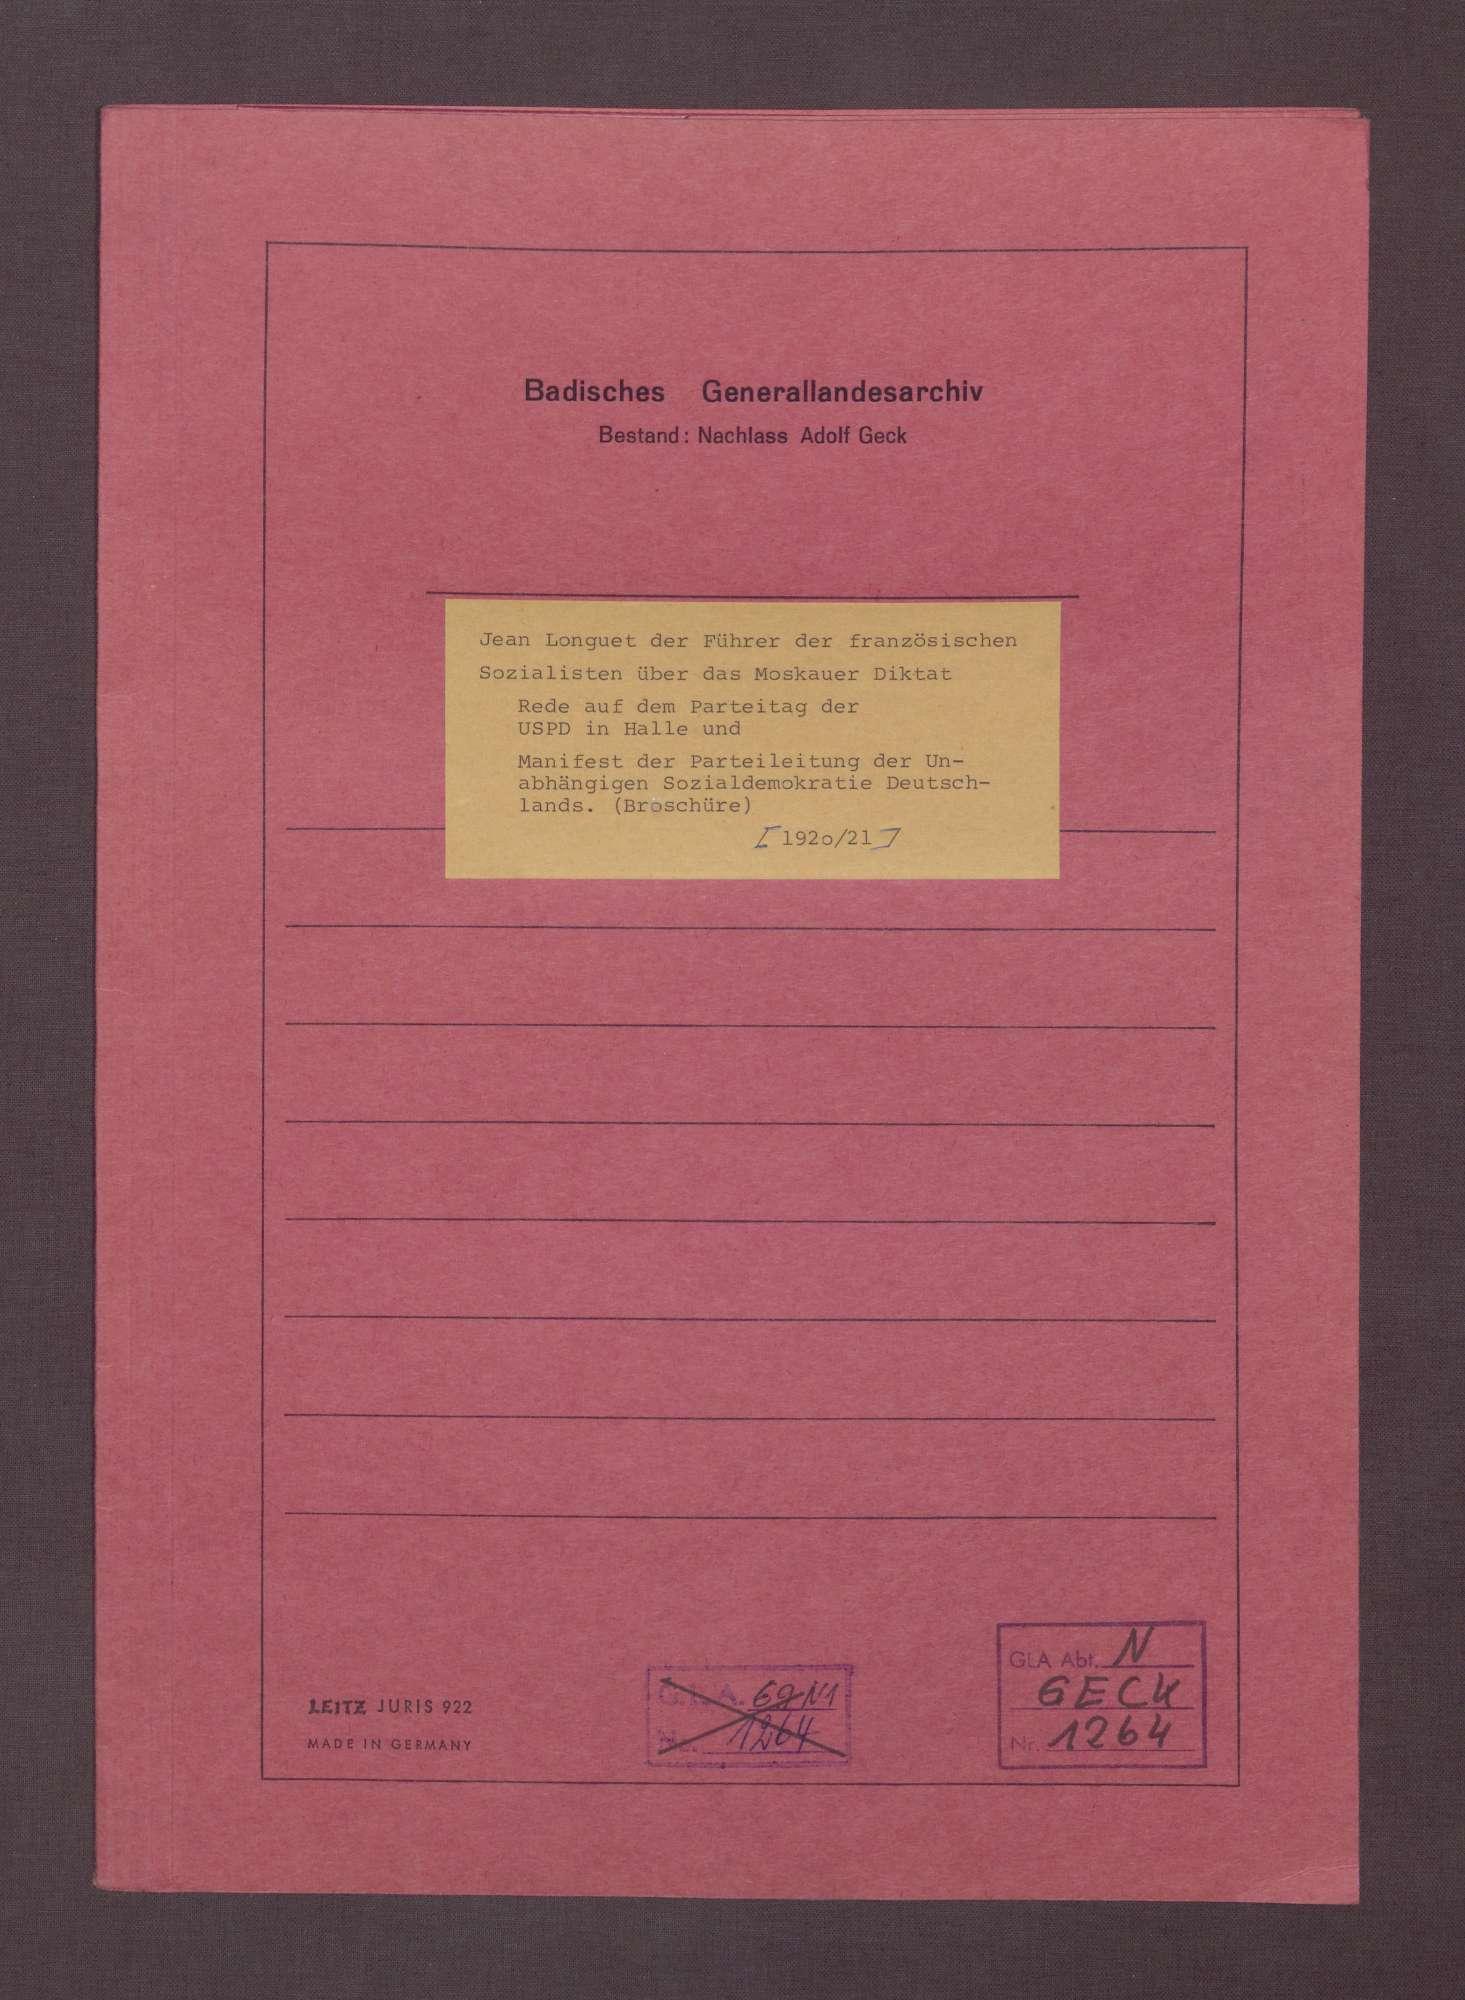 """Broschüre: """"Jean Longuet, Führer der französischen Sozialisten, über das Moskauer Diktat."""", Rede auf dem Parteitag der USPD in Halle, 1920/21, Bild 1"""